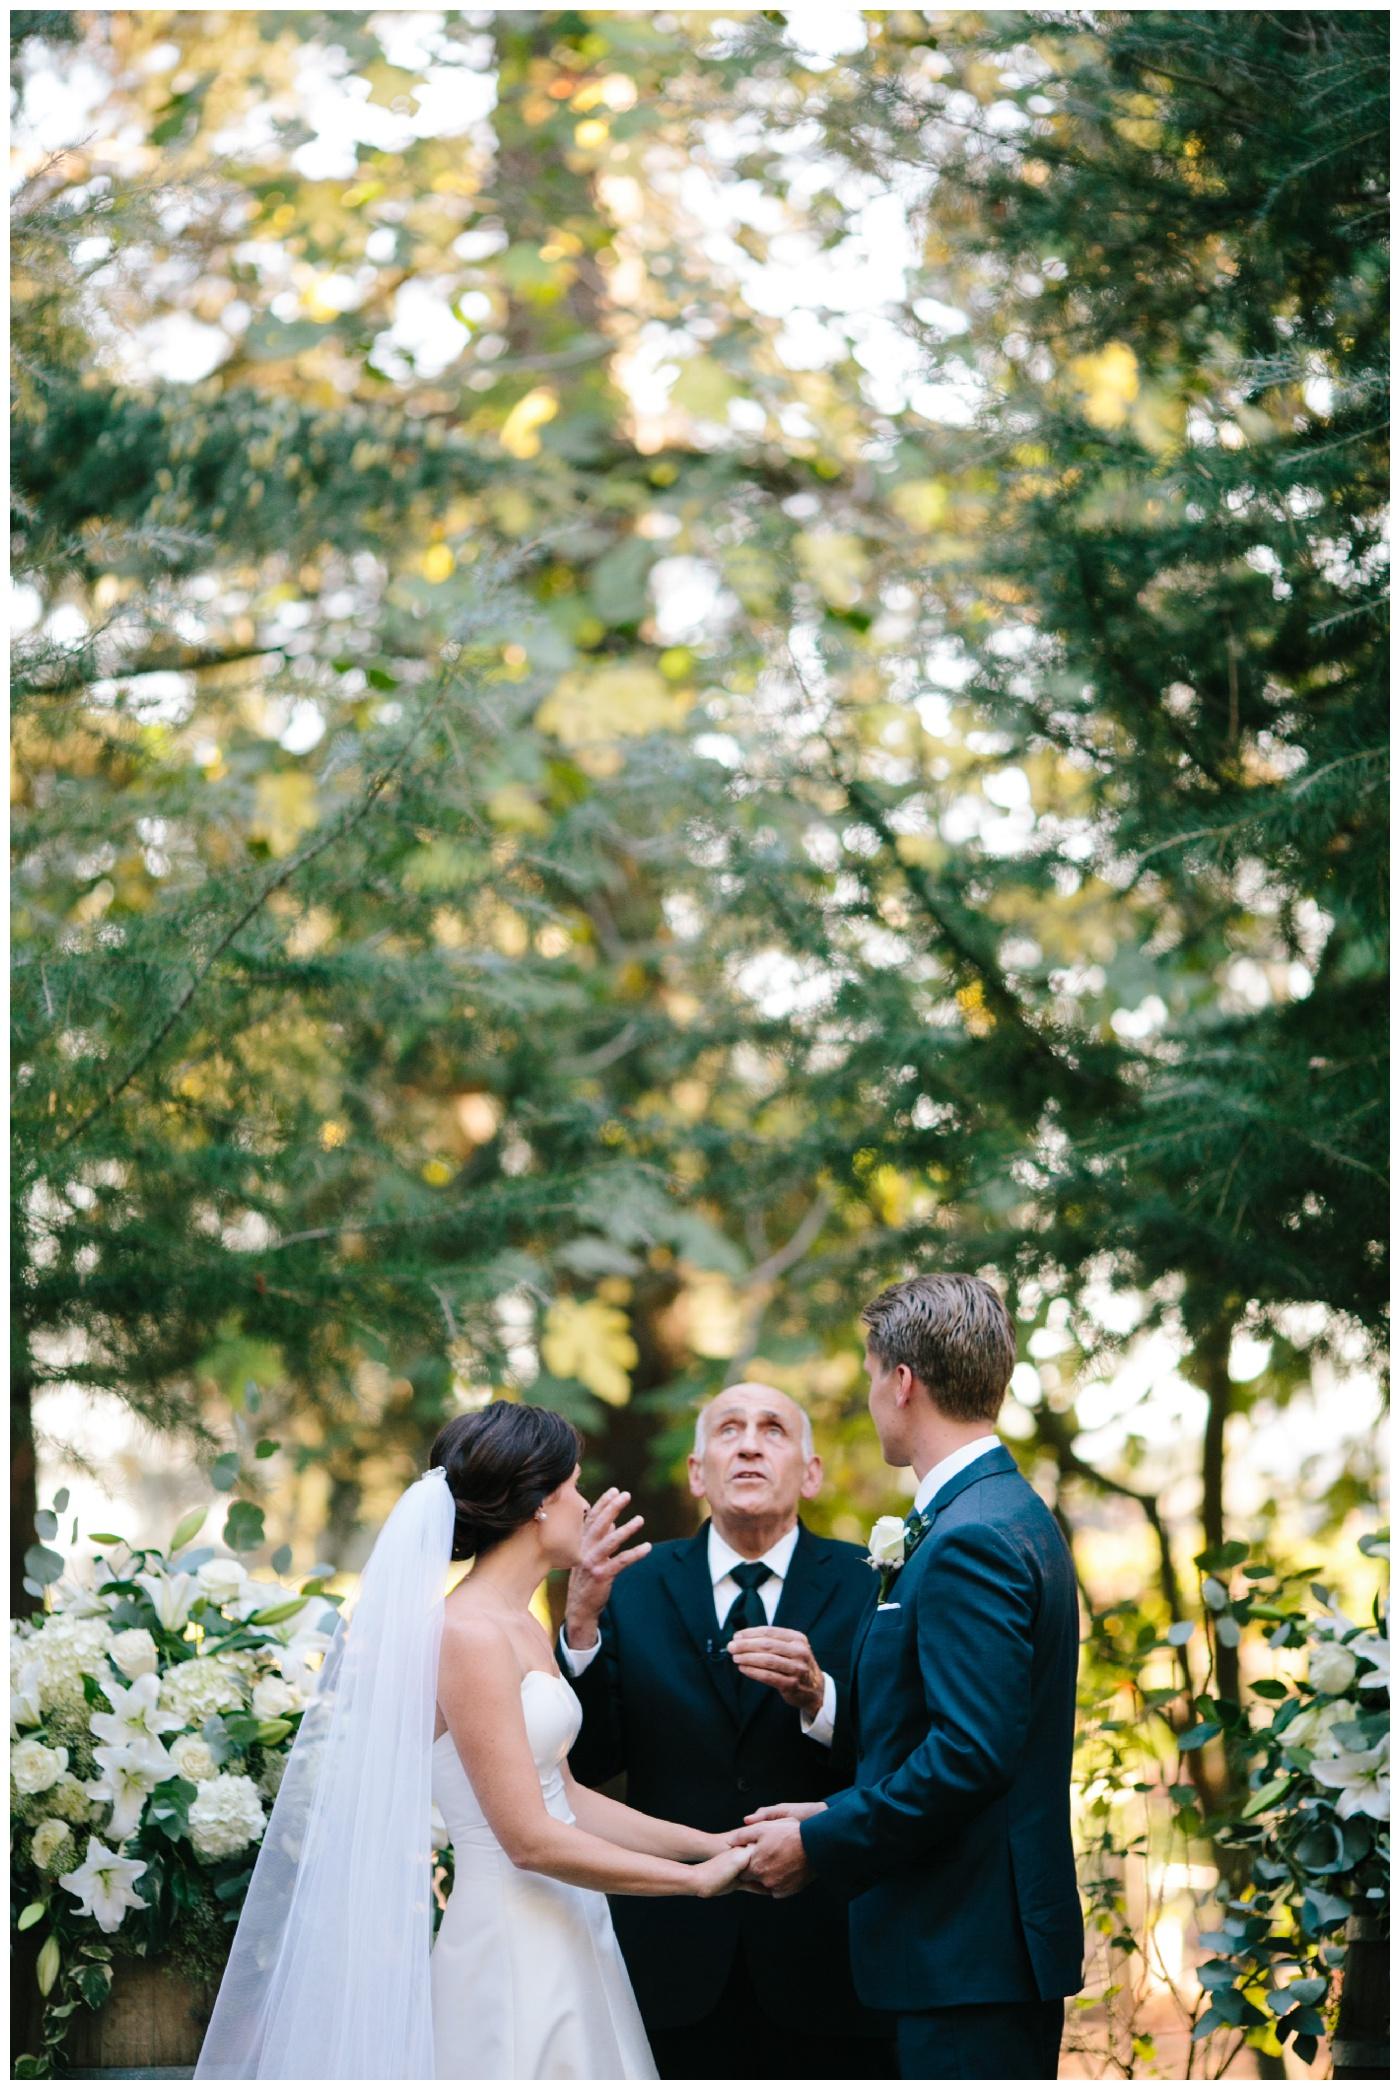 Andretti Winery Napa Valley Wedding 016